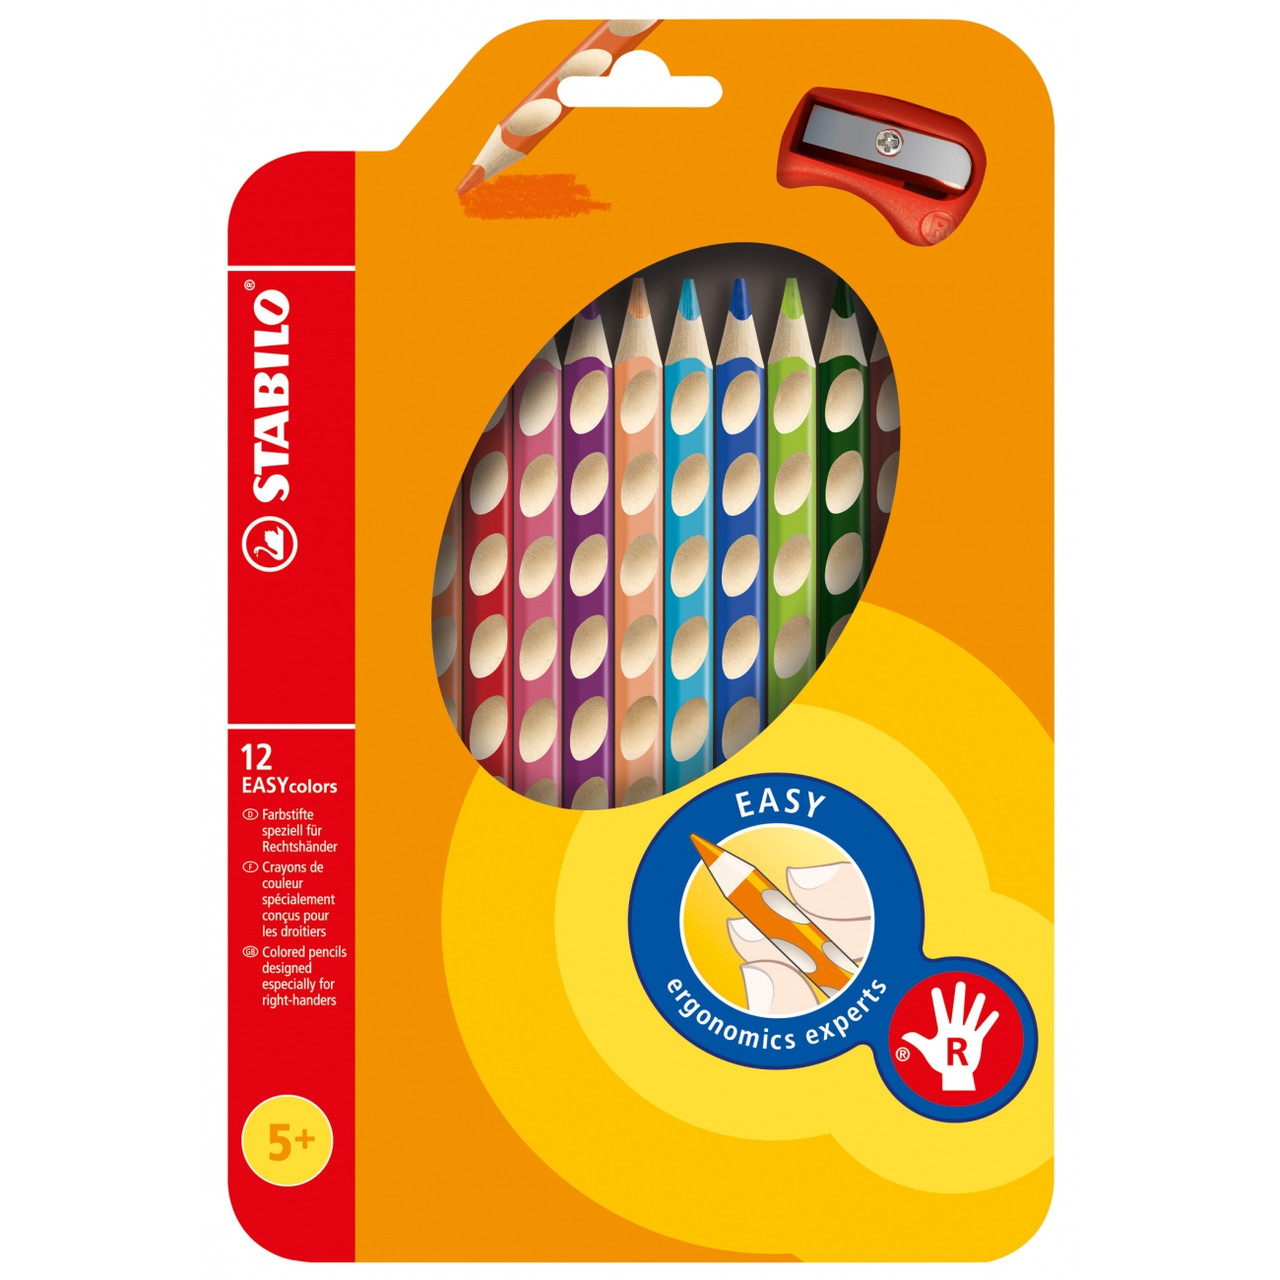 Олівці 12 кол для правші з точилом STABILO EASYcolors , Stabilo